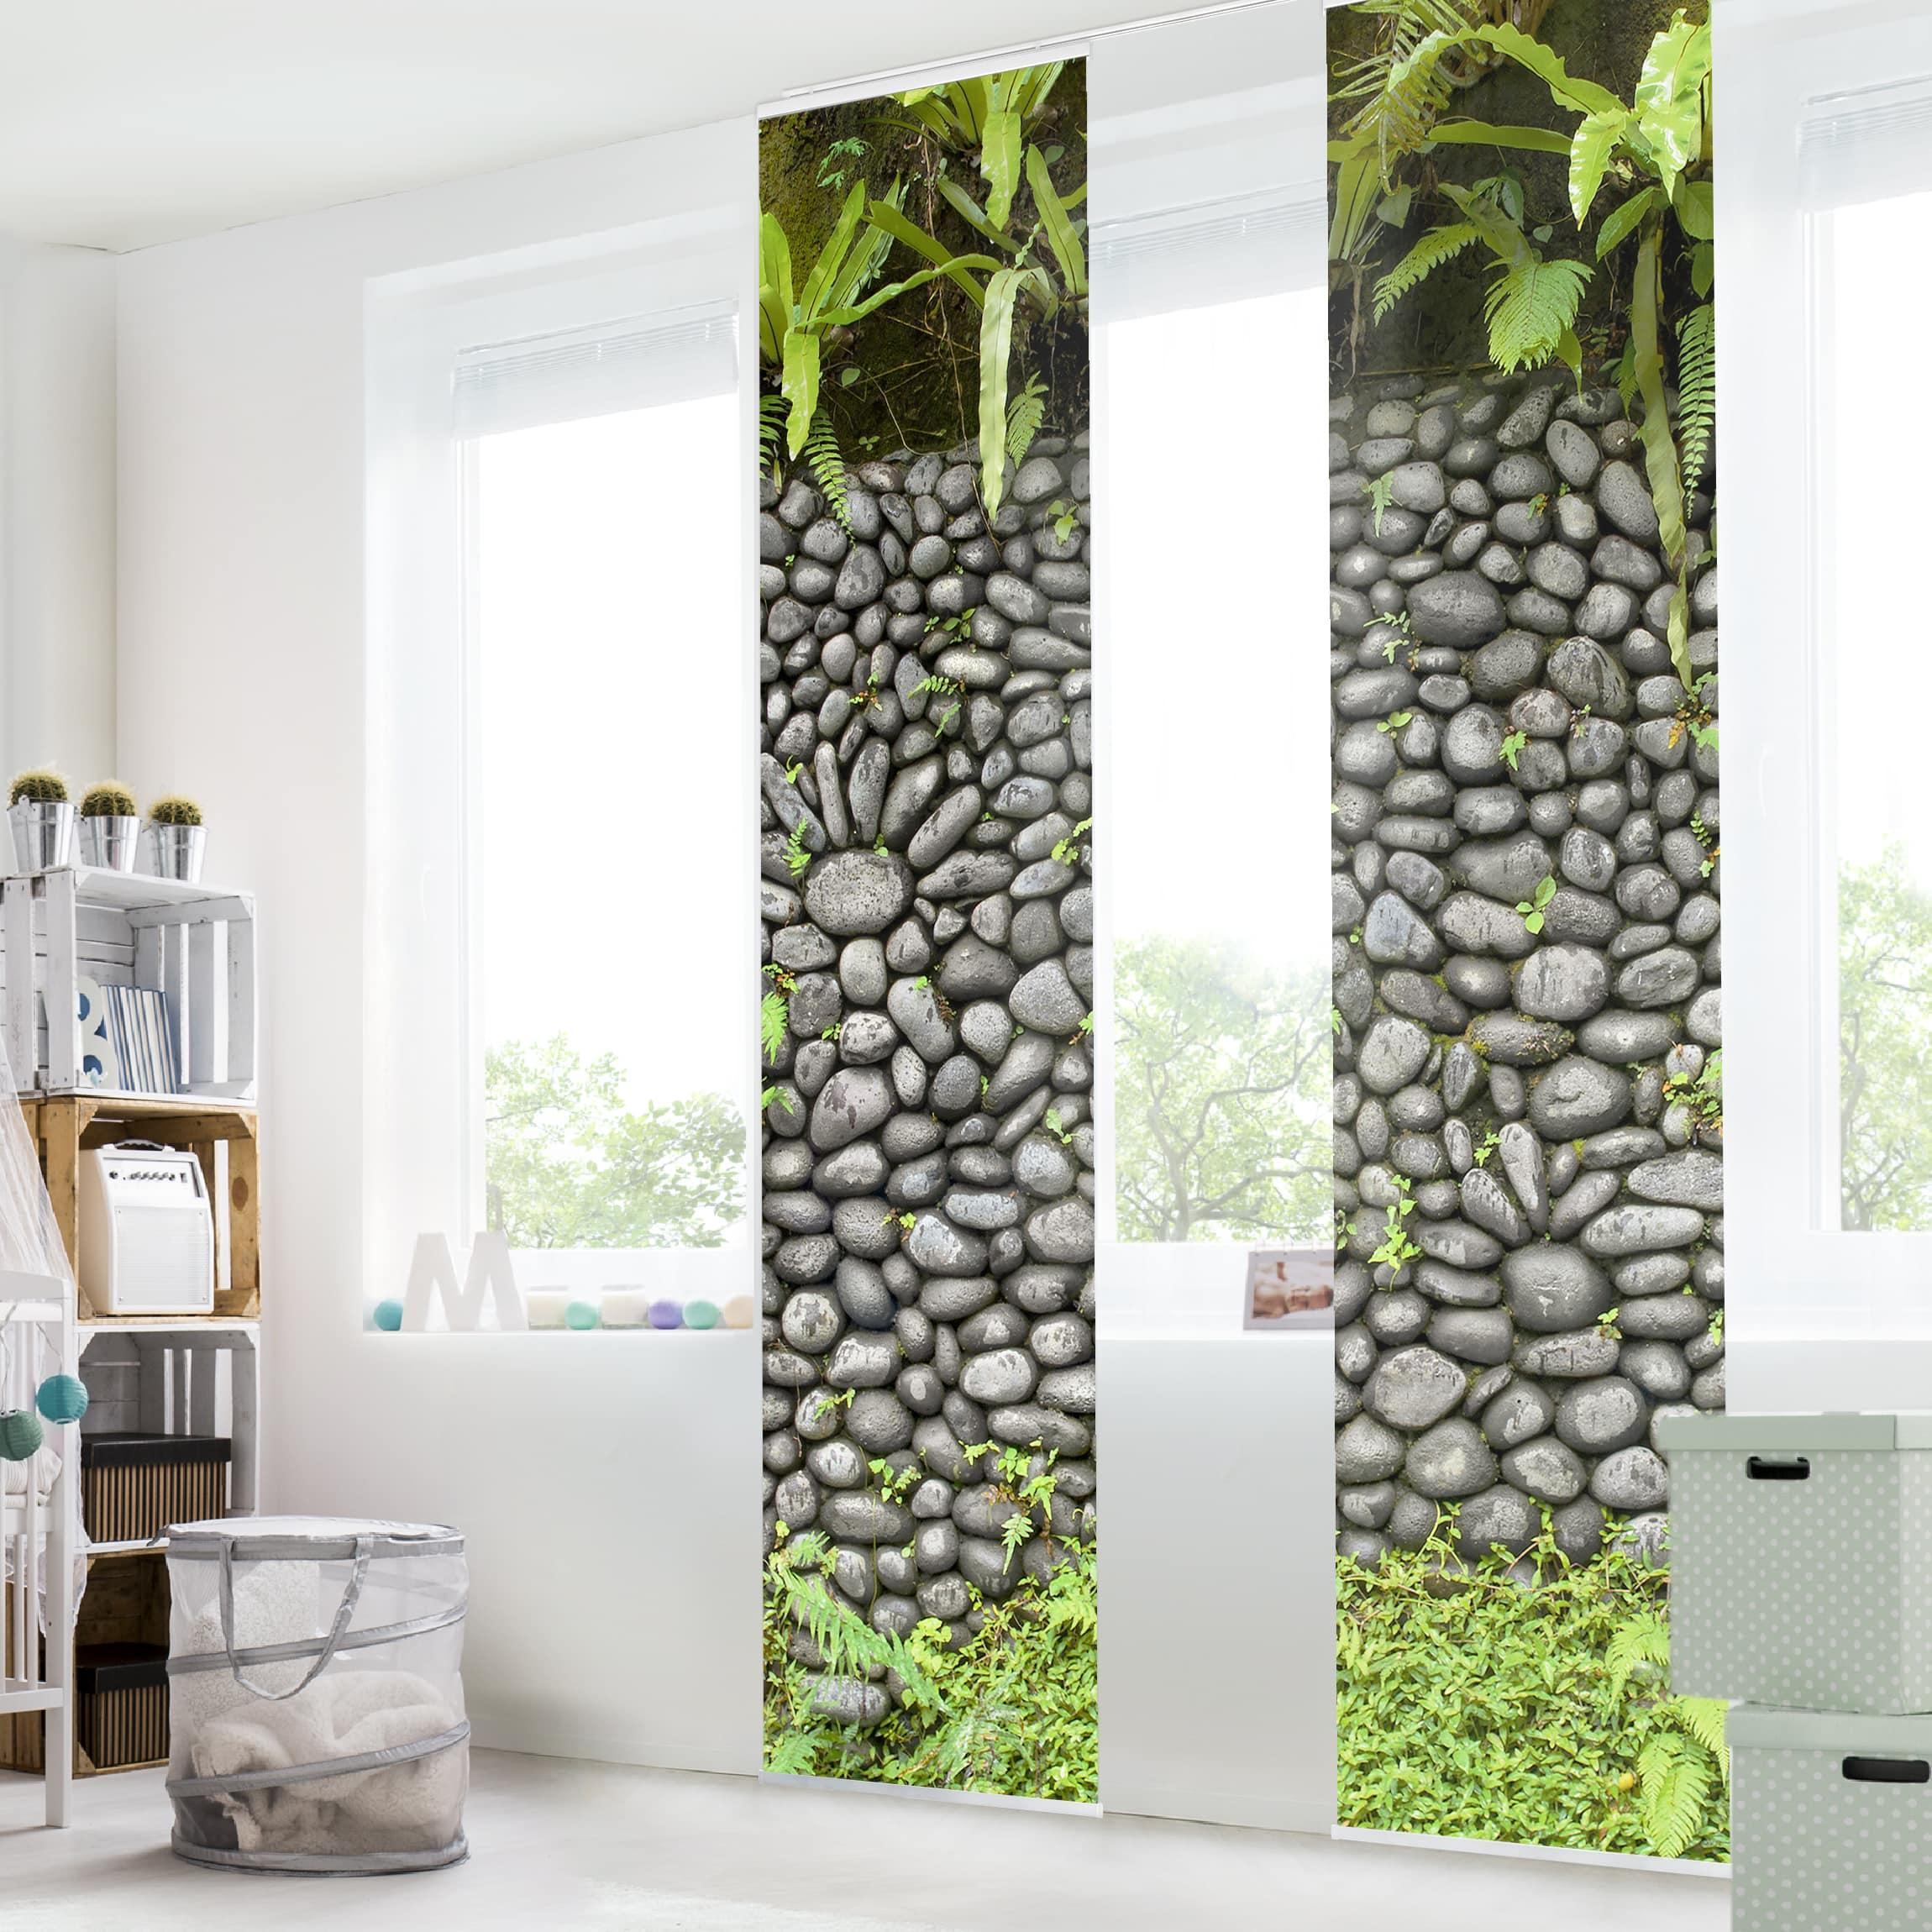 Schiebegardinen set steinwand mit pflanzen 2 for Wandhalterung pflanzen